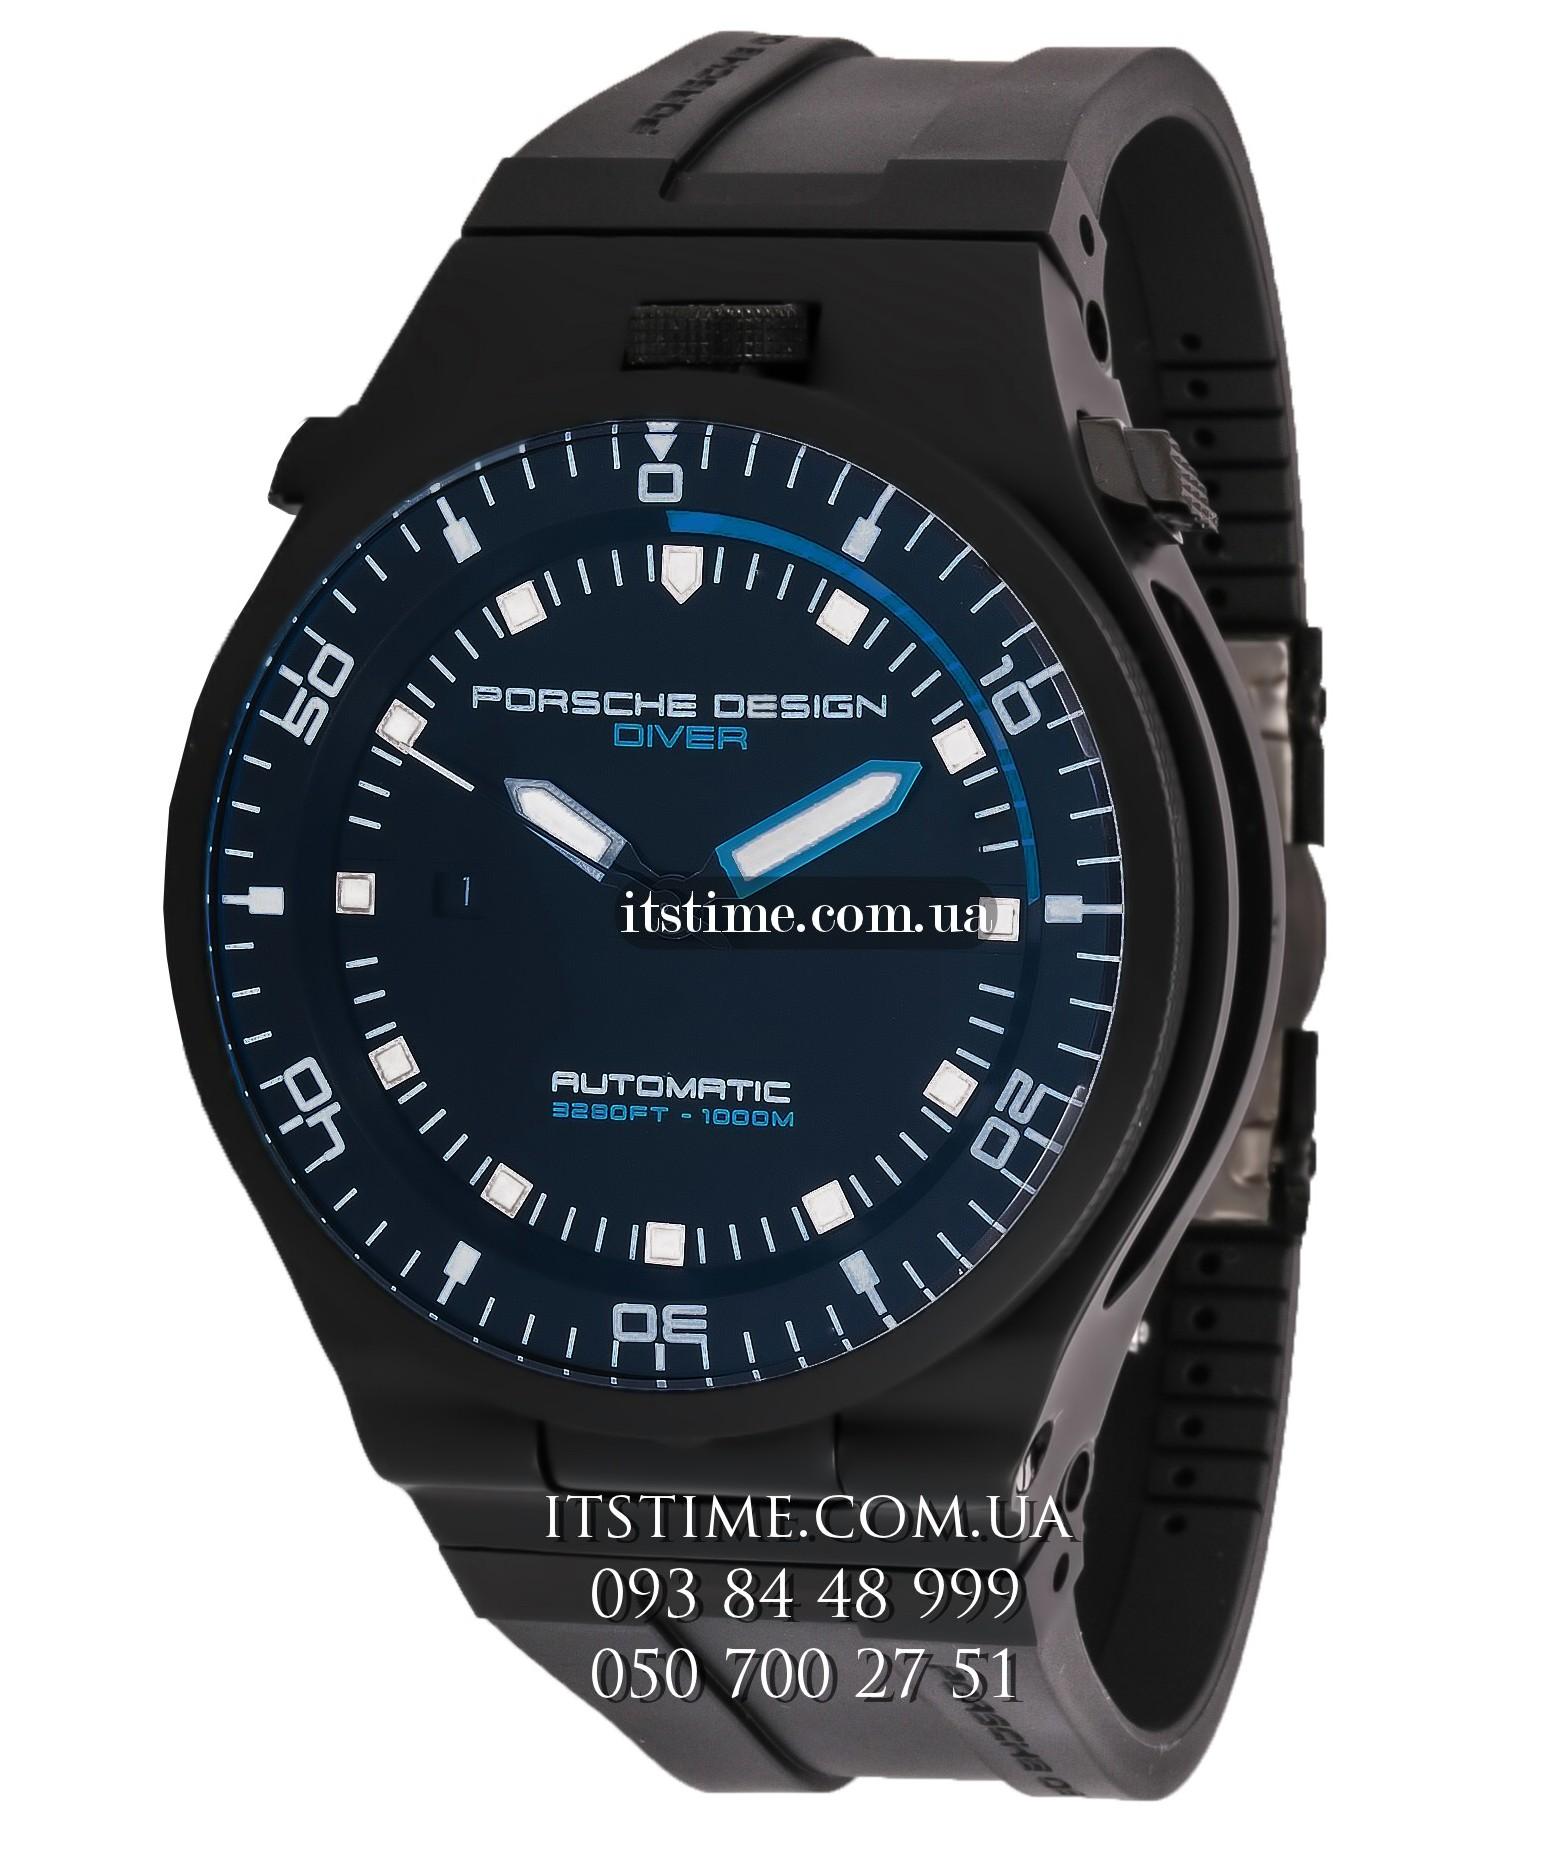 Часы порш дизайн украина hd